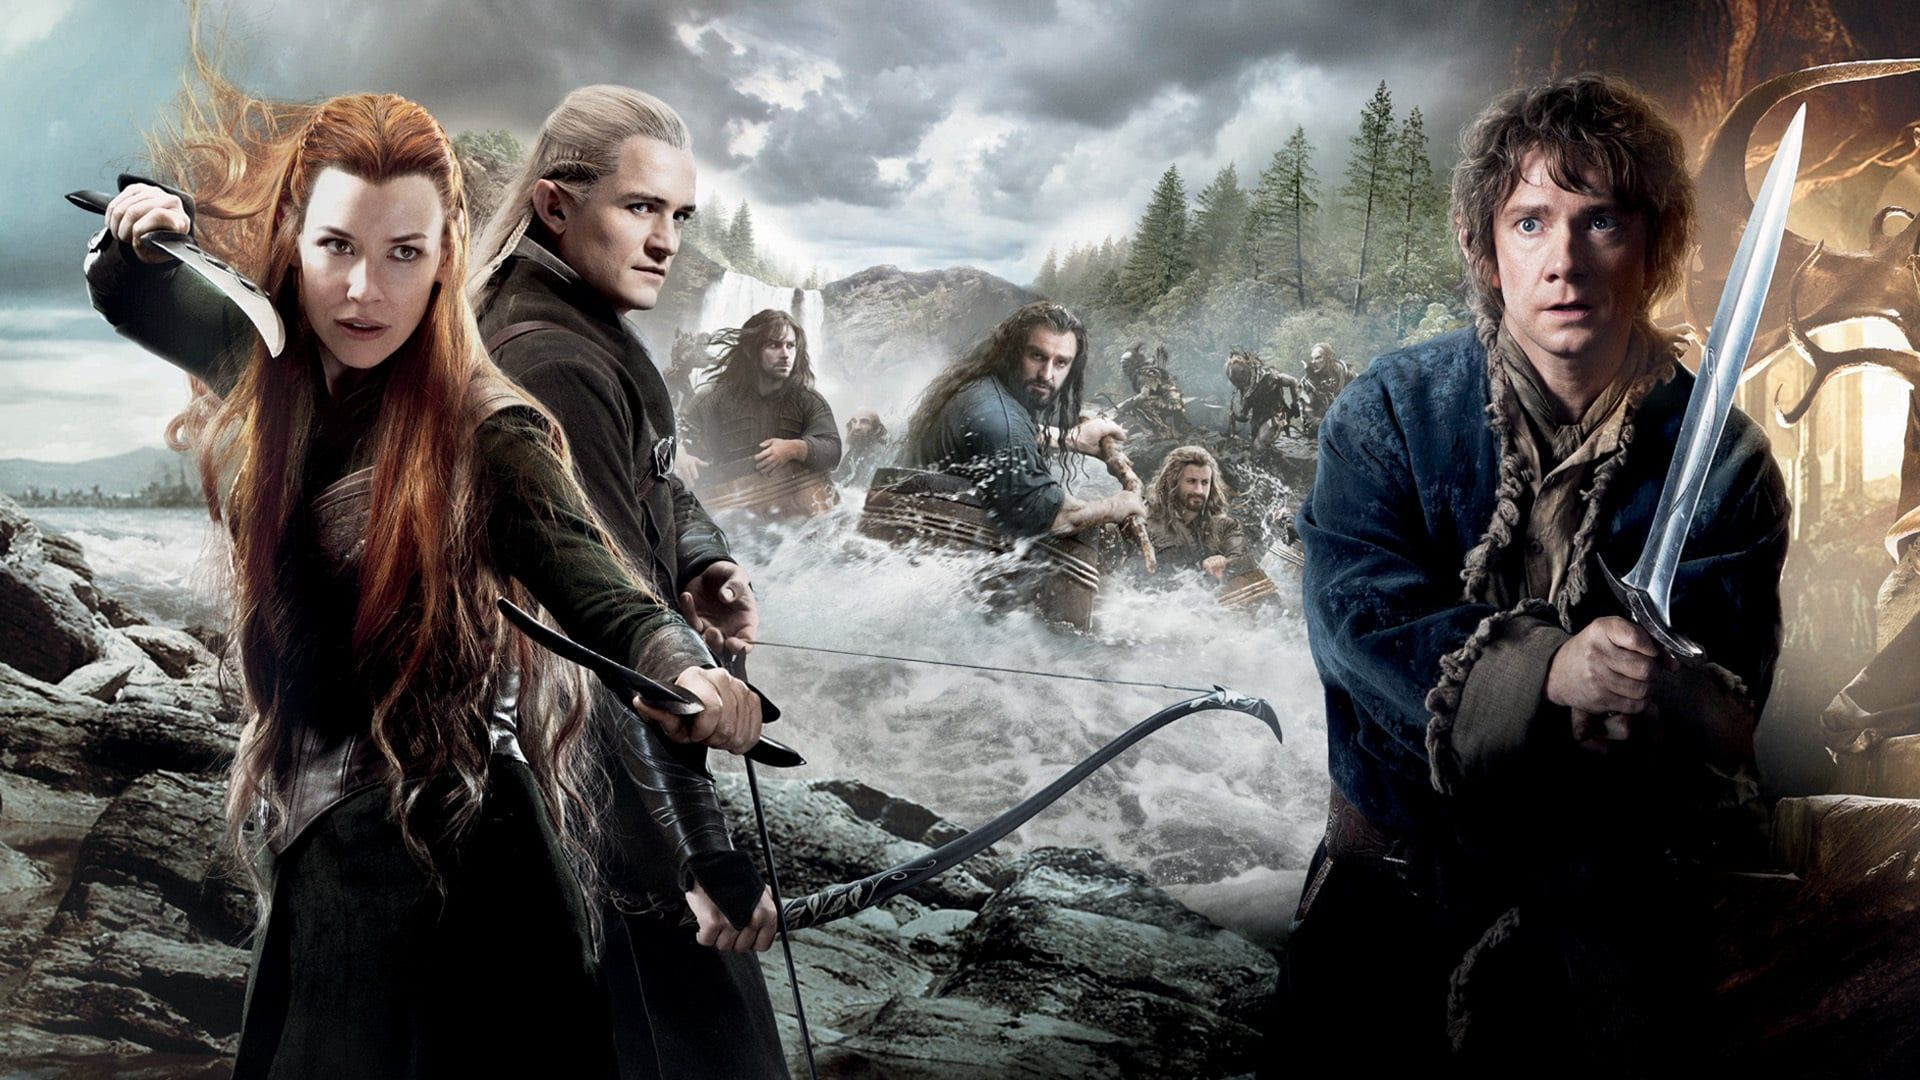 O Hobbit A Desolacao De Smaug Filmes E Series Hd Desolacao De